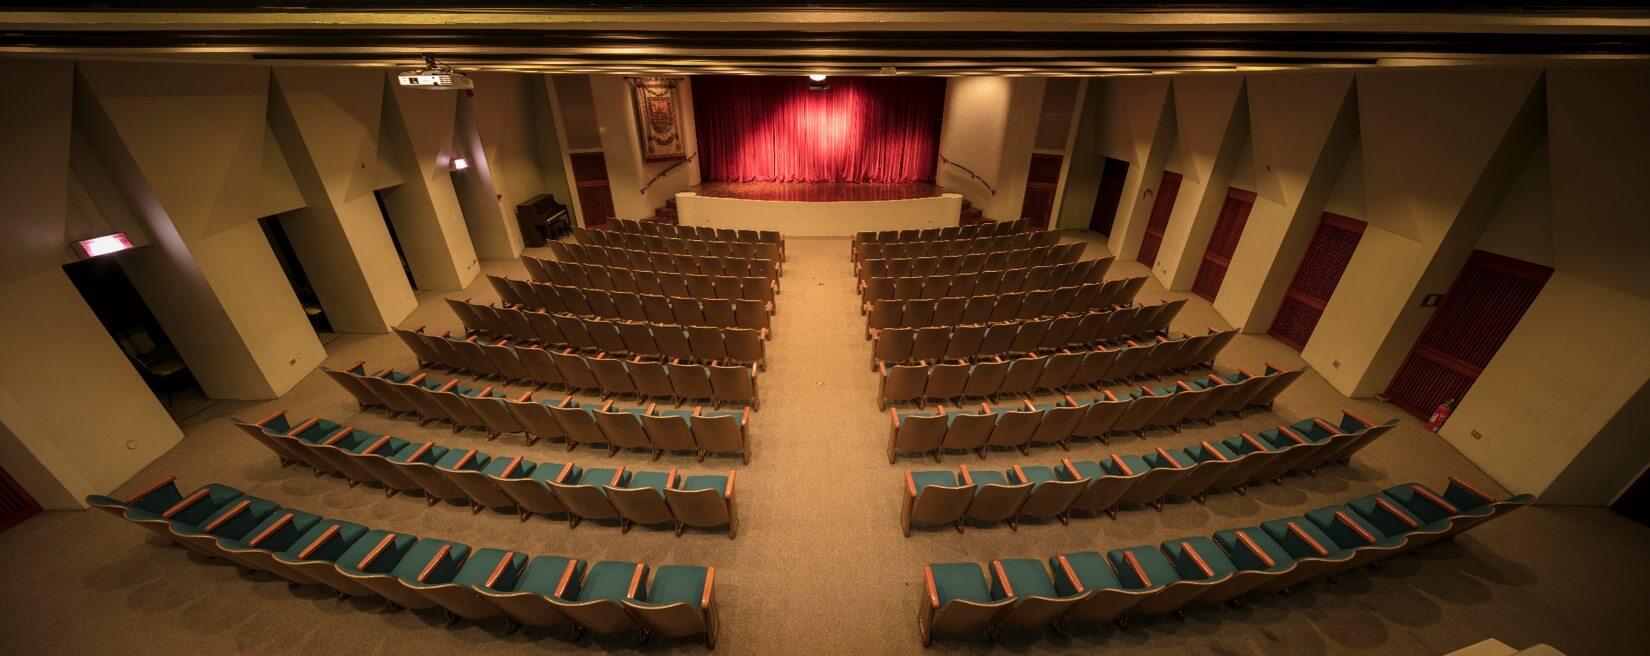 Dizon auditorium